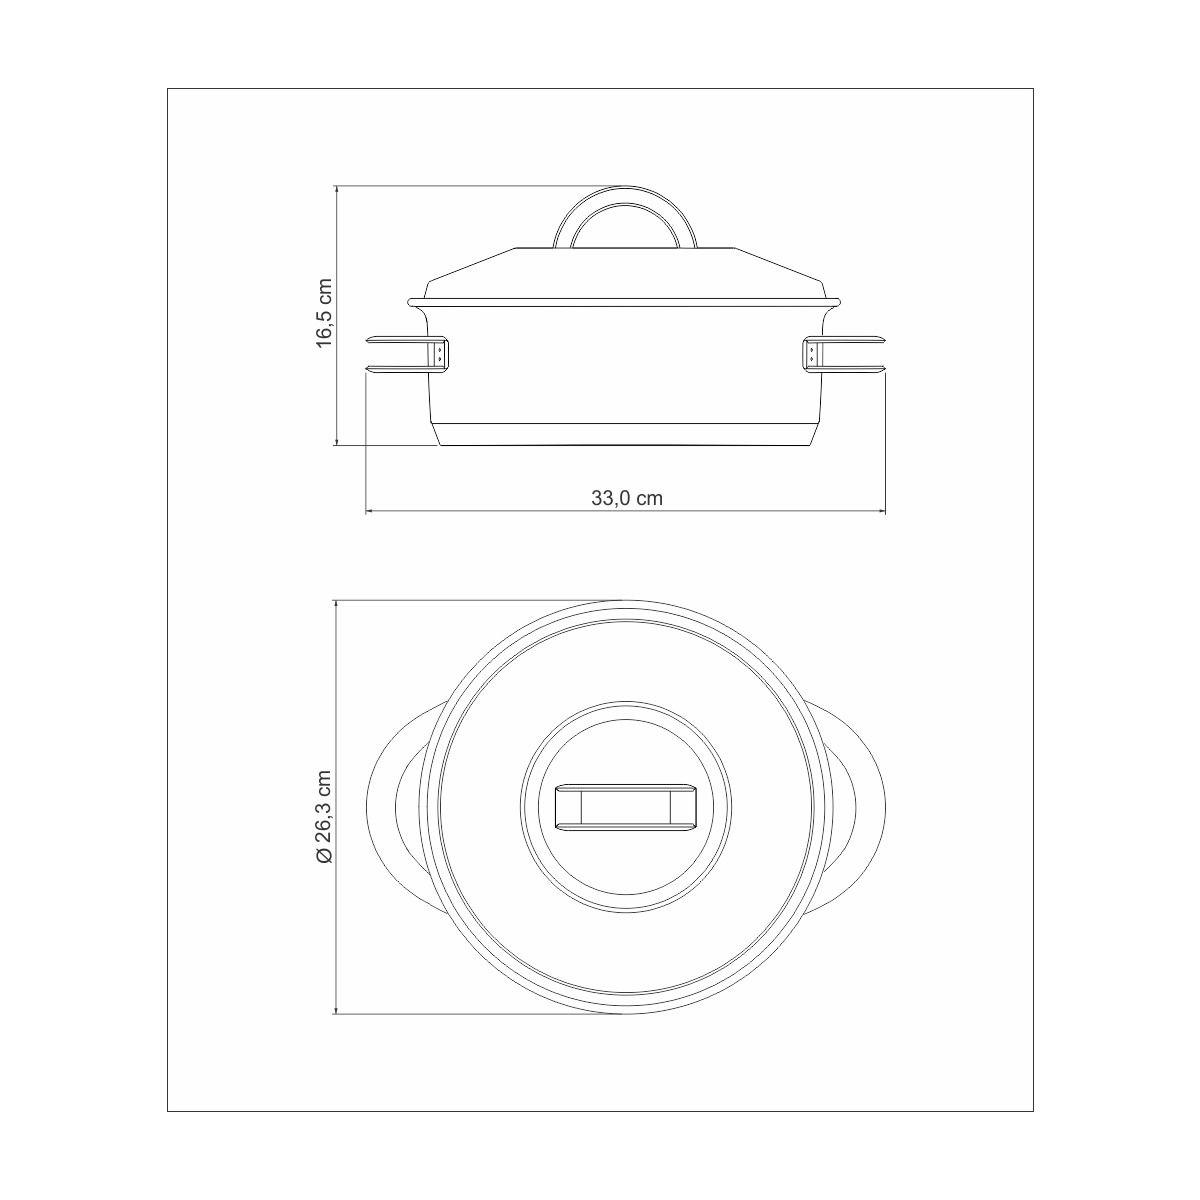 Caçarola Inox 24 cm 4,7 litros - linha Solar - Tramontina  - Lojão de Ofertas